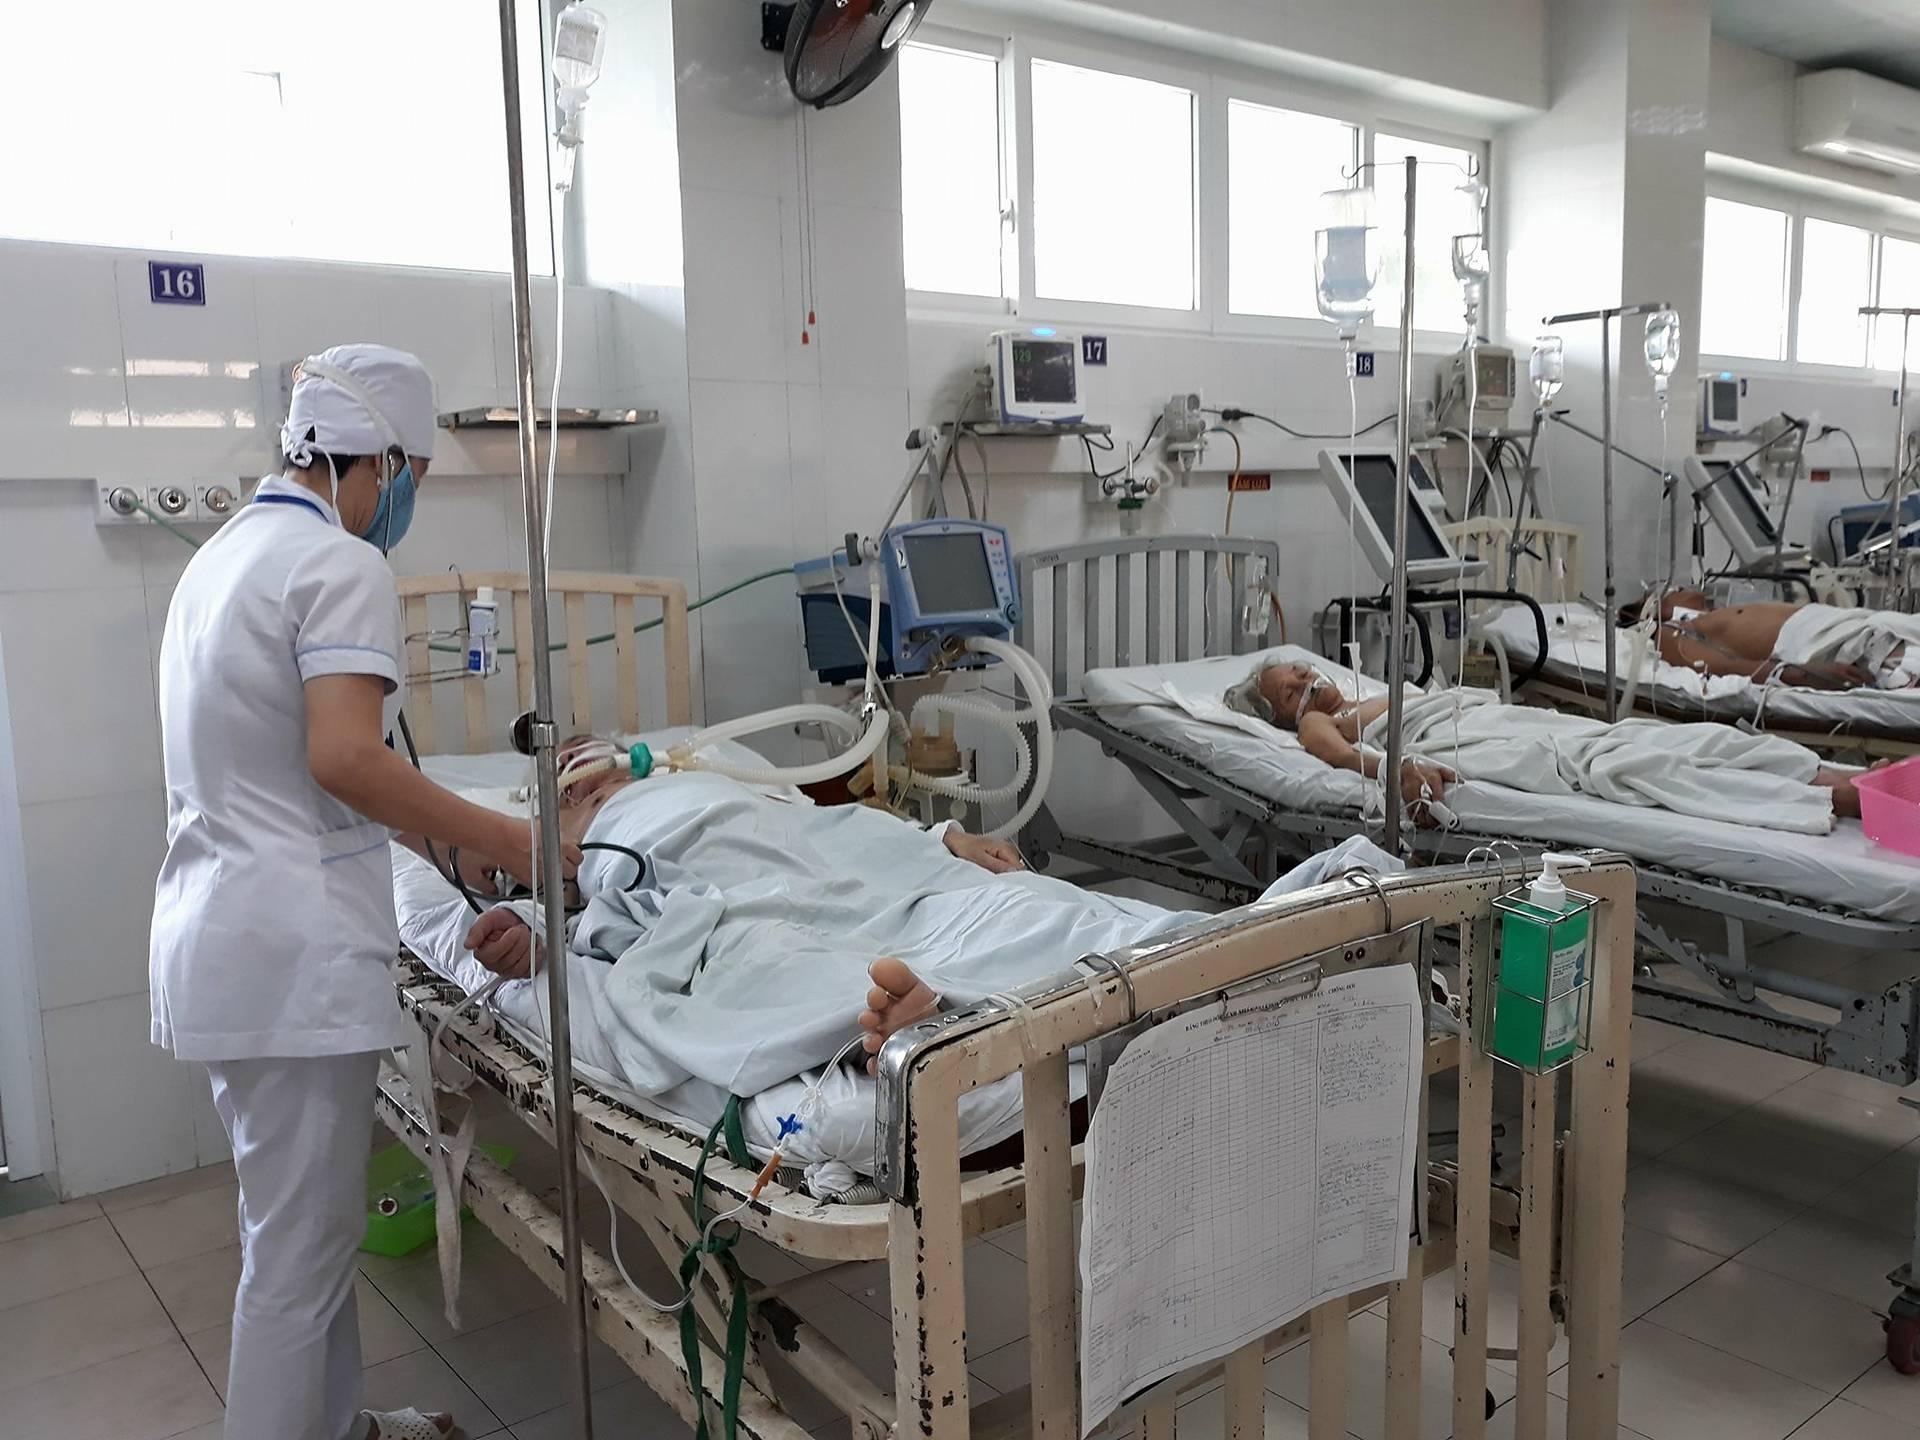 Chăm sóc bệnh nhận ở Khoa Hồi sức tích cực - Chống độc (BVĐK Quảng Nam). Ảnh: C.N